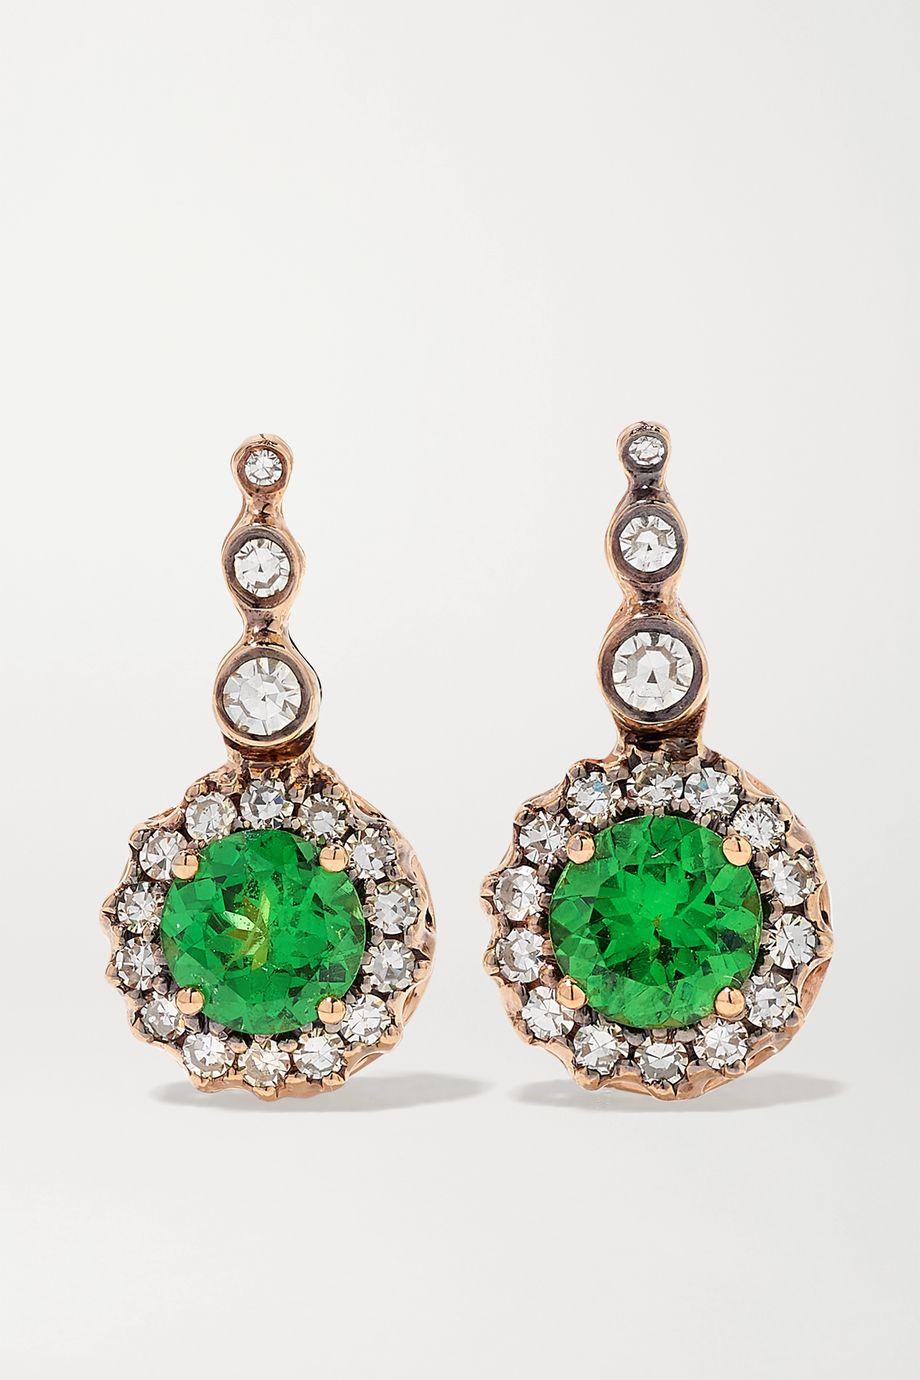 Selim Mouzannar Beirut Basic Ohrringe aus 18 Karat Roségold mit Tsavoriten und Diamanten